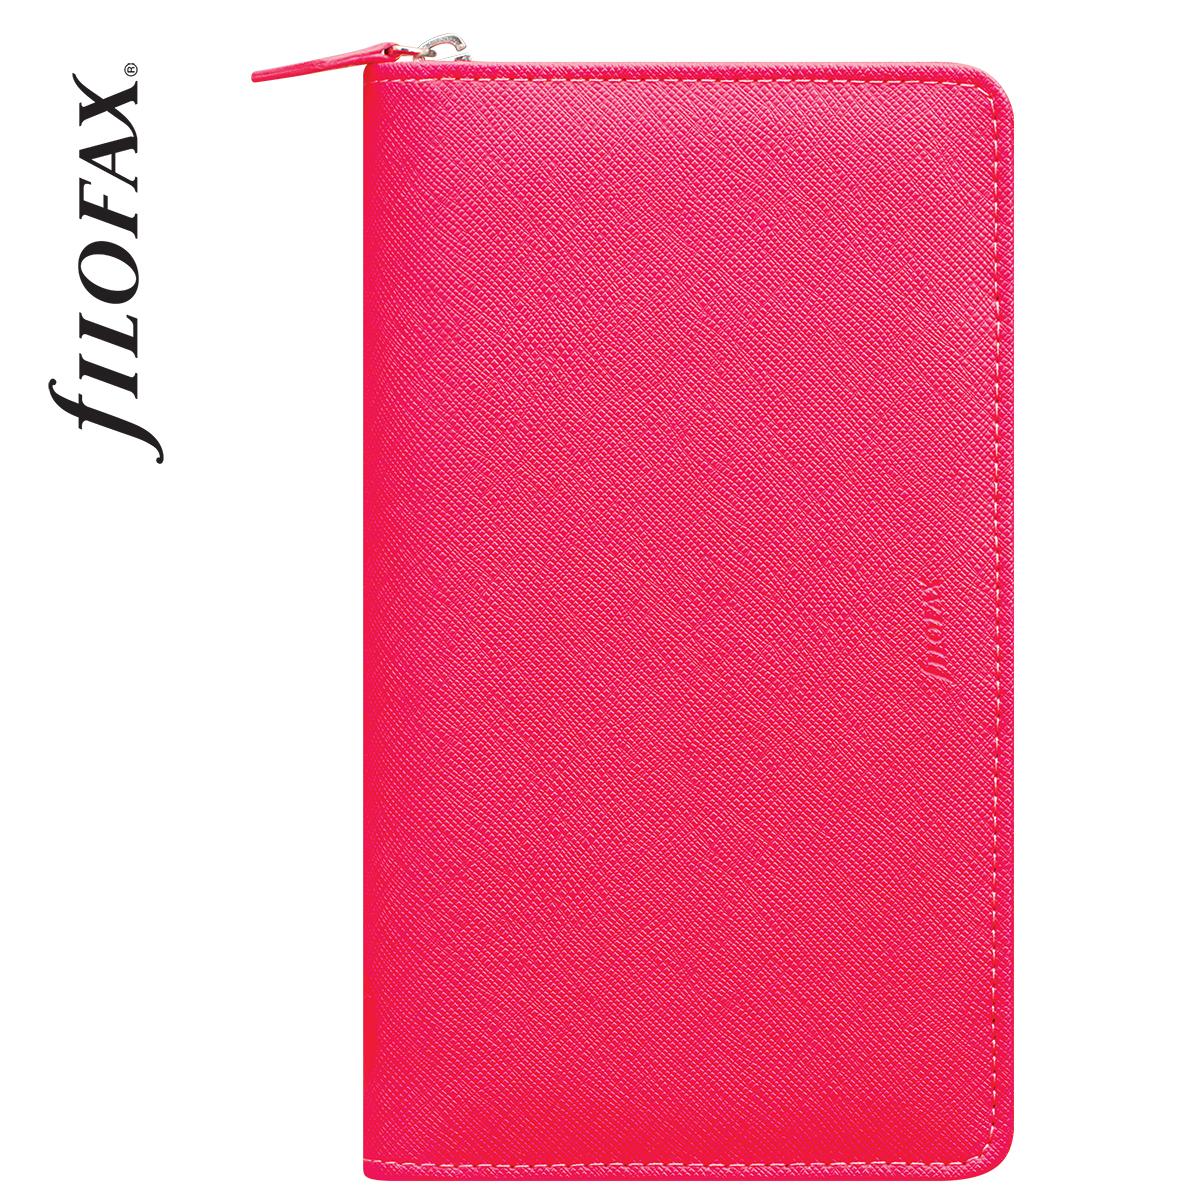 Filofax Saffiano Compact Zip Fluoro Pink - 667e68a1ad